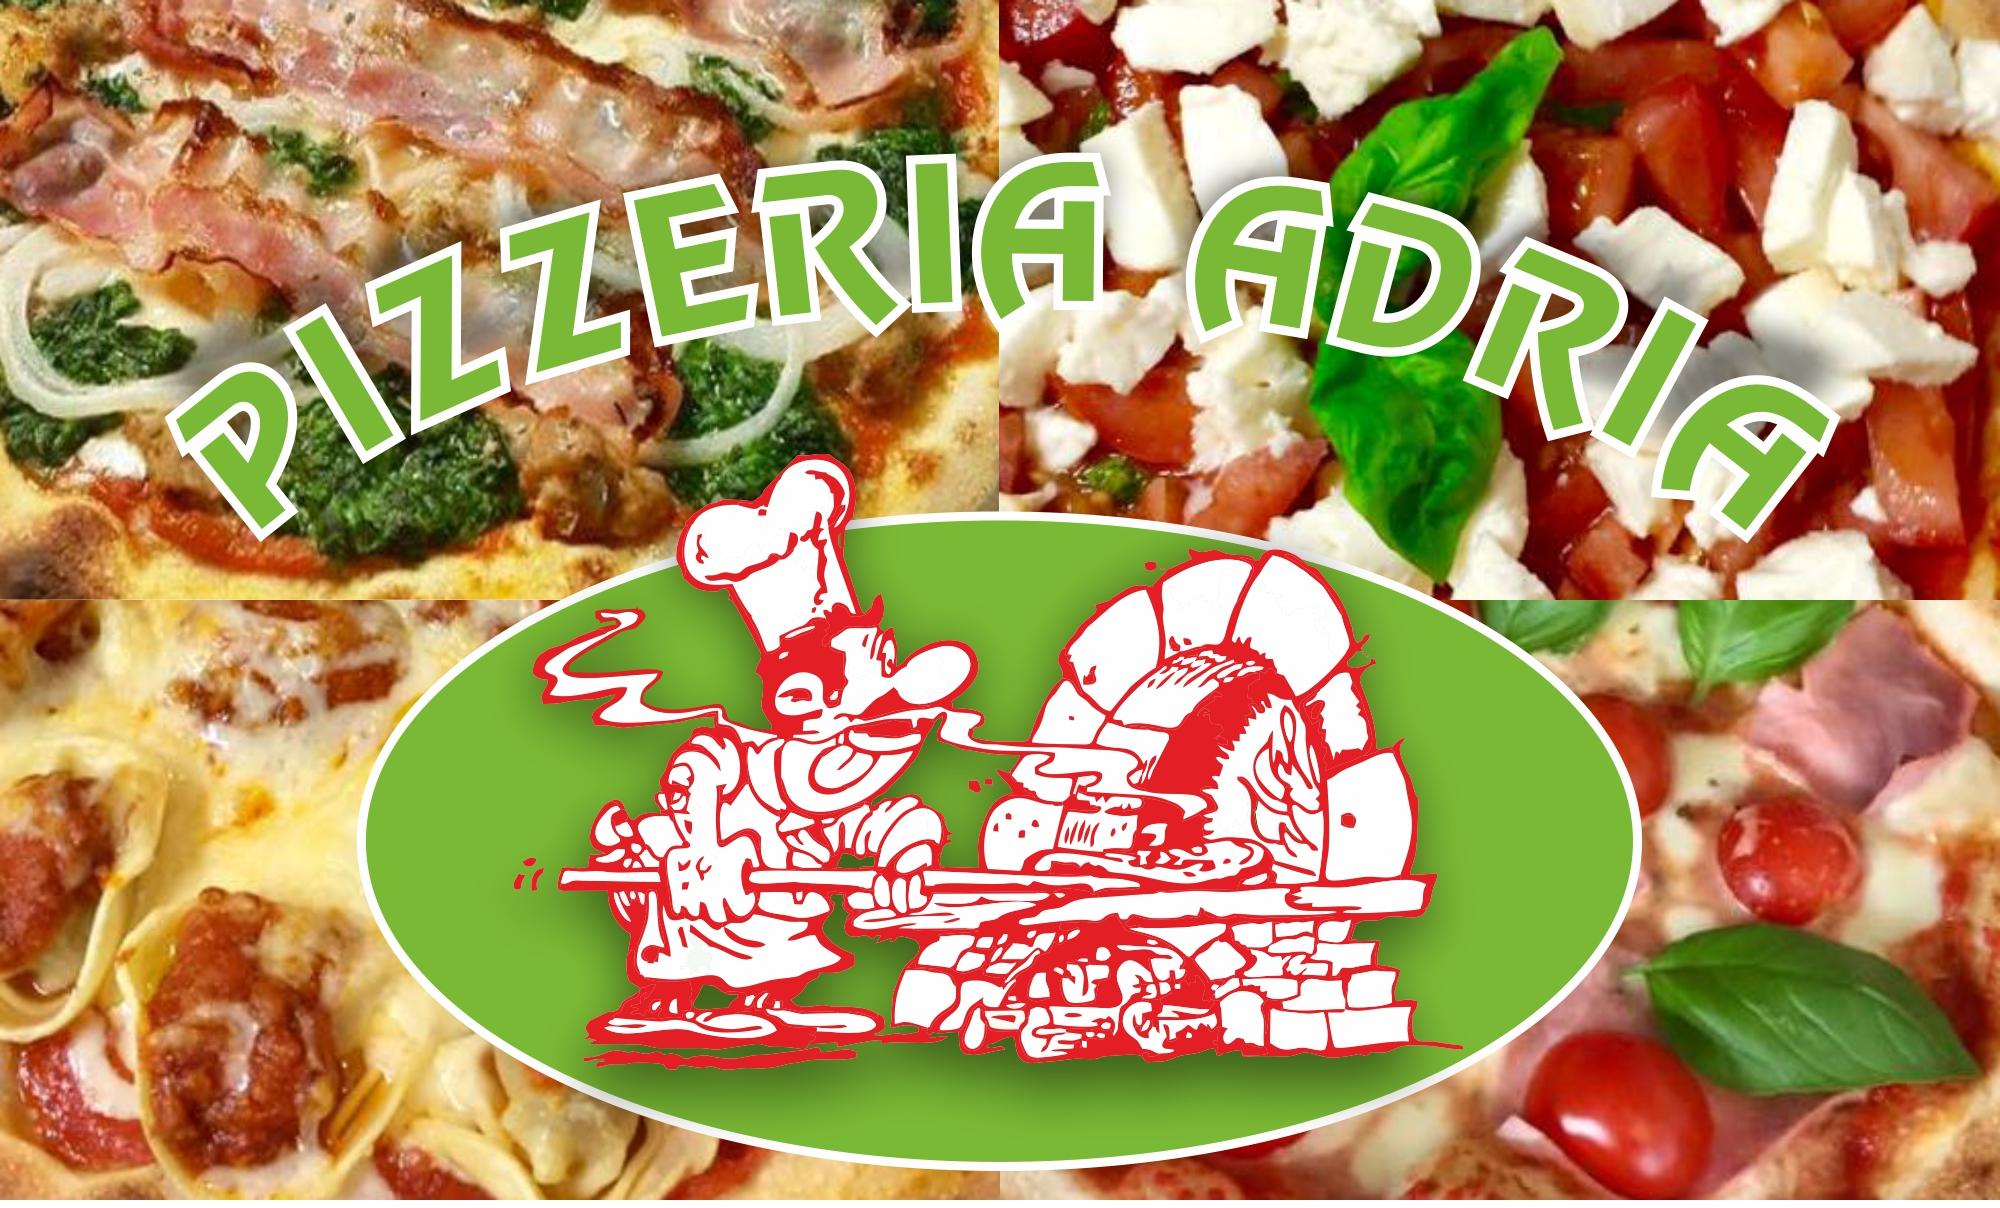 Pizzaria Adria Versmold